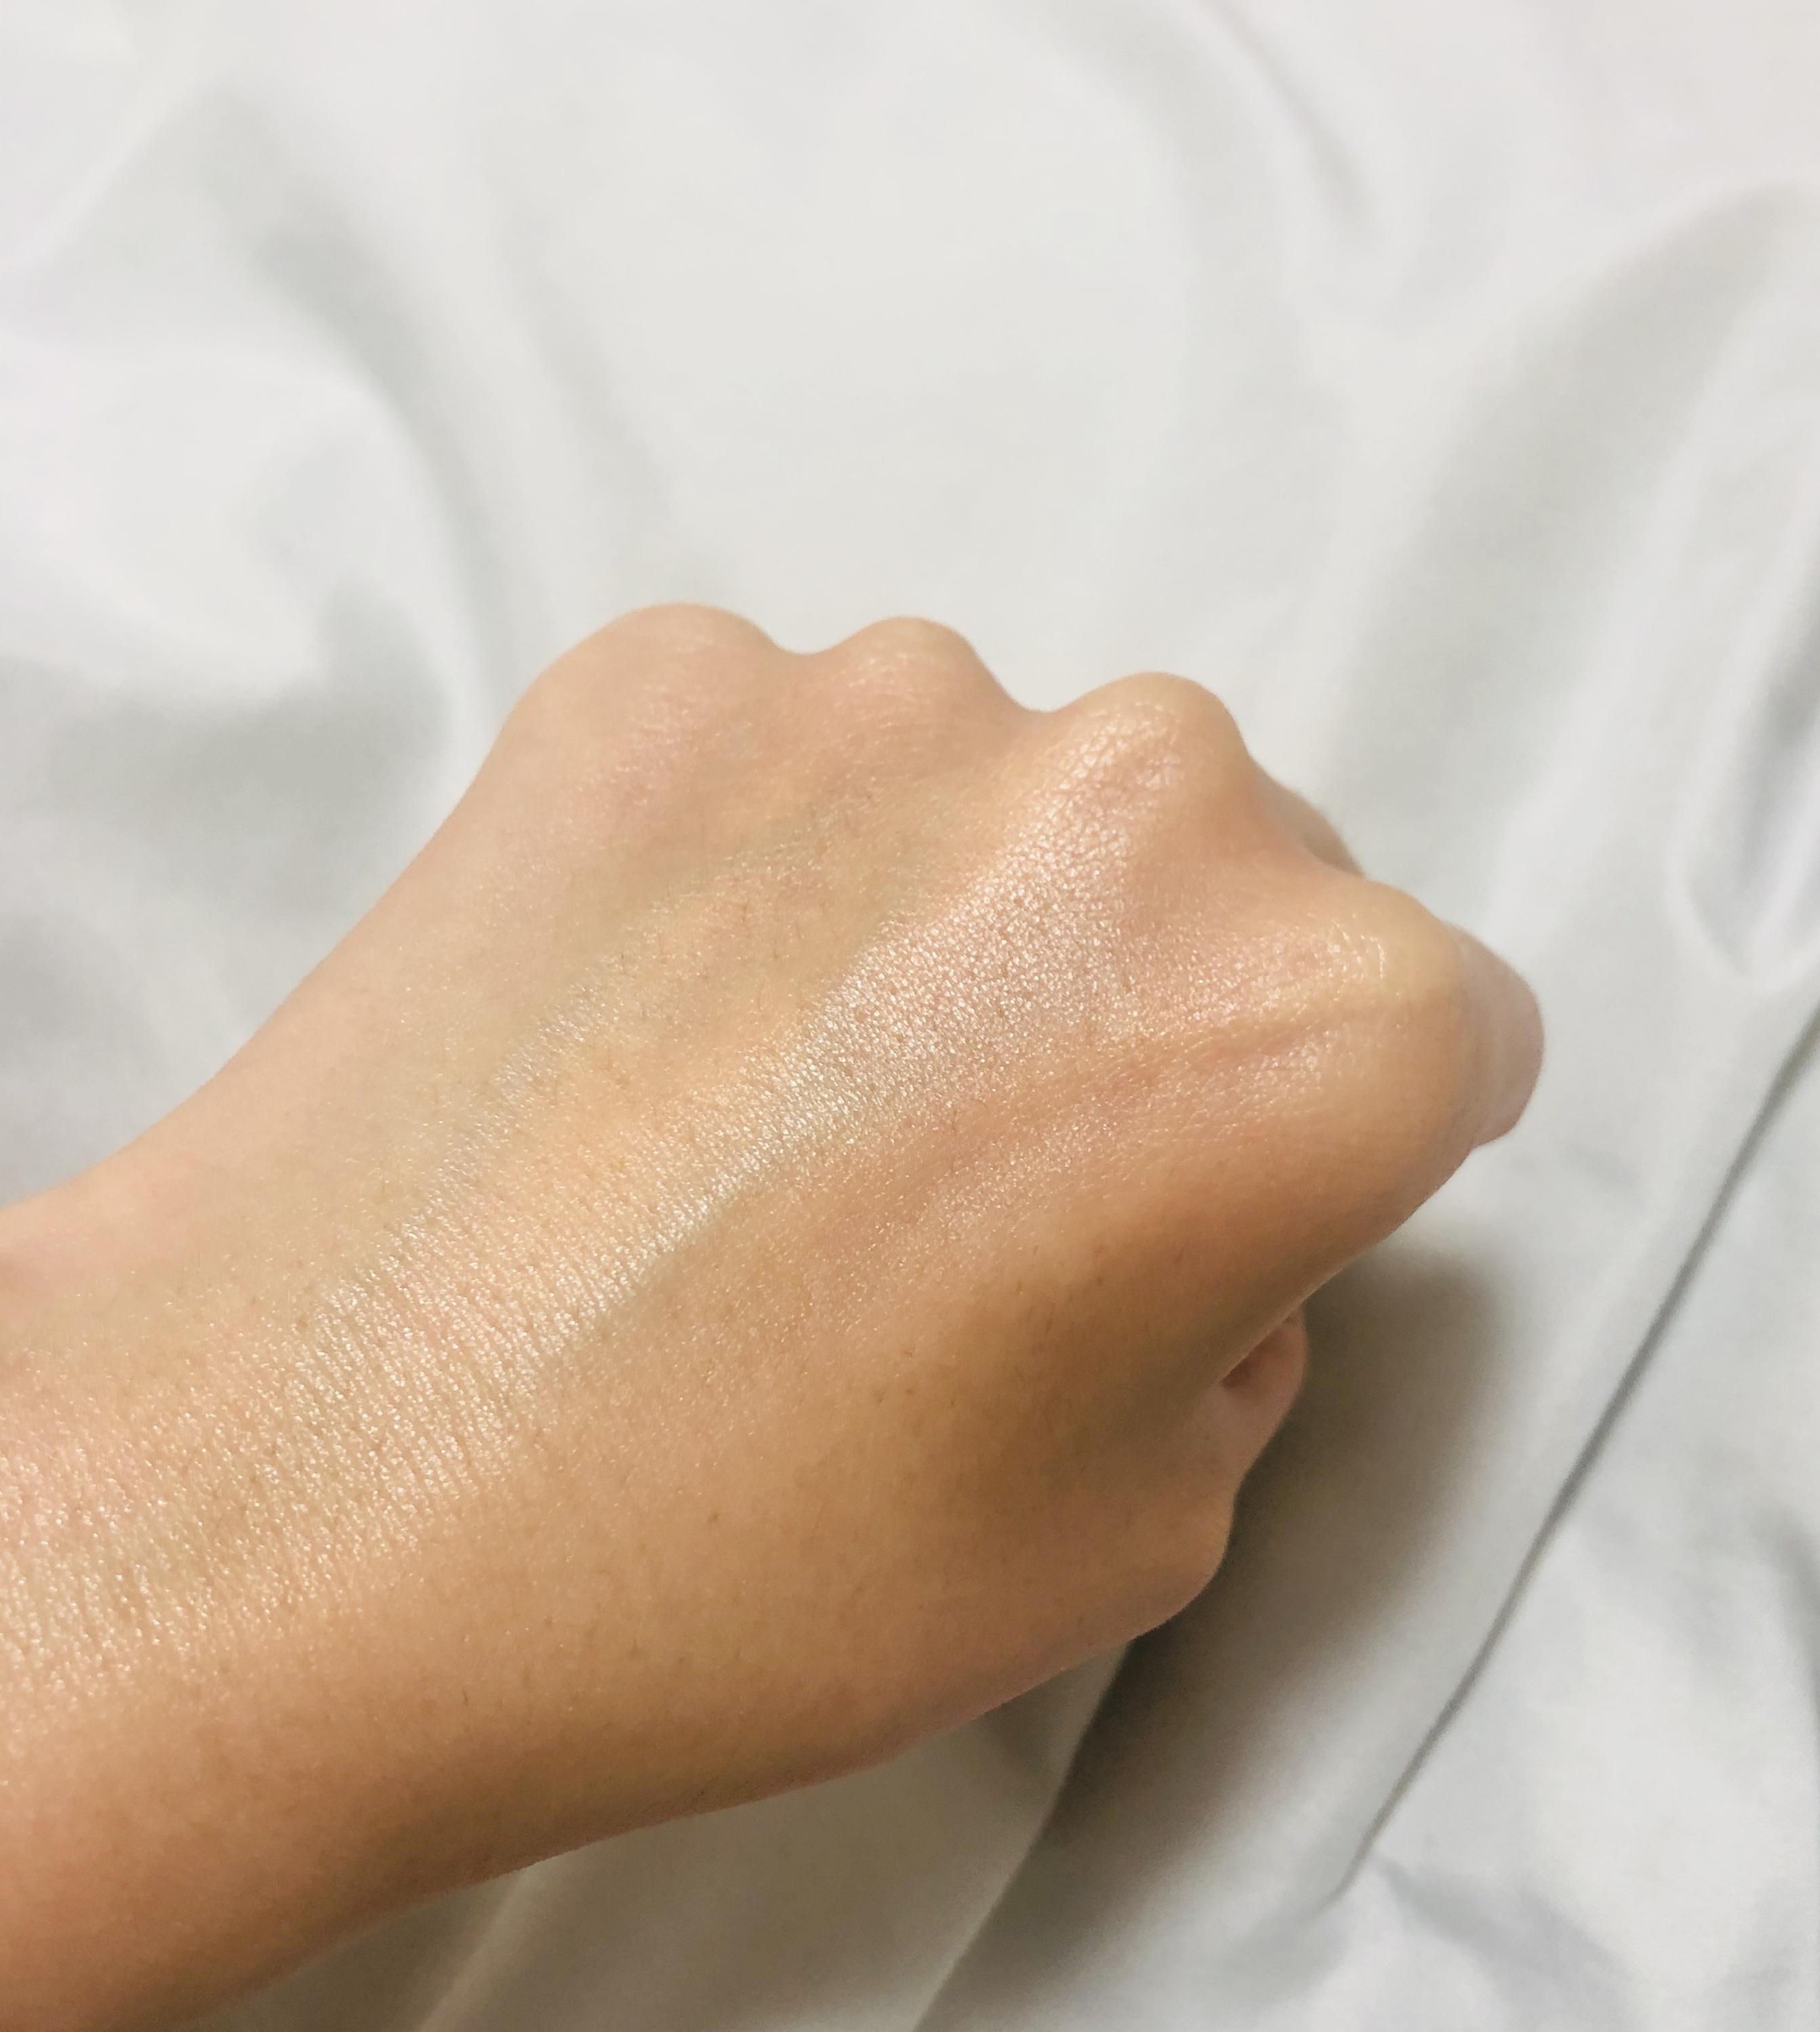 【冬の乾燥対策】お肌に貯水槽を作る?! 噂のオイル化粧水がもう手放せない!!_5